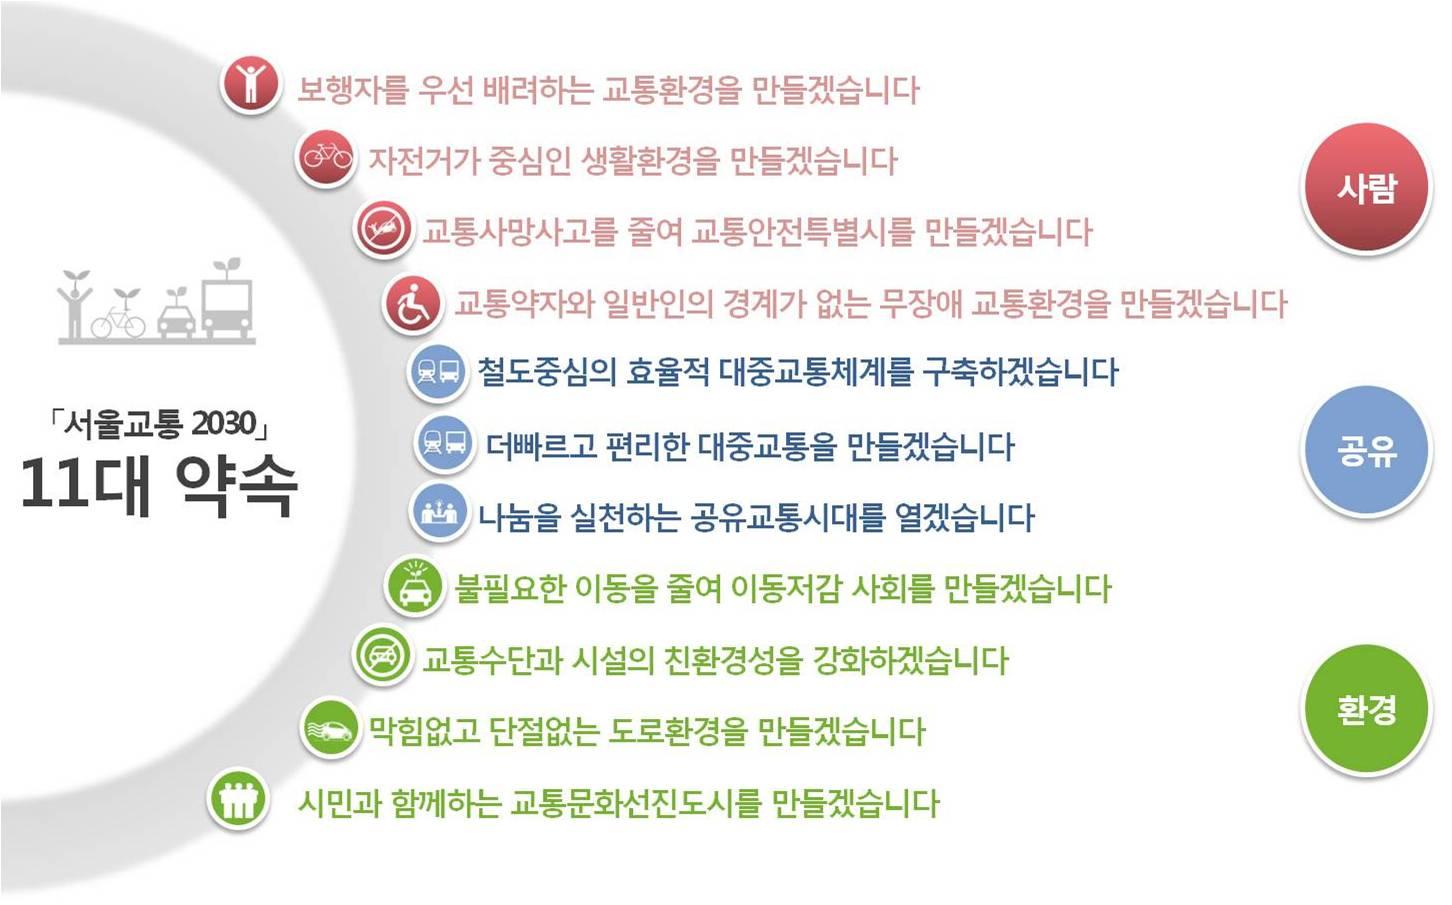 Seoul 2030 Plan